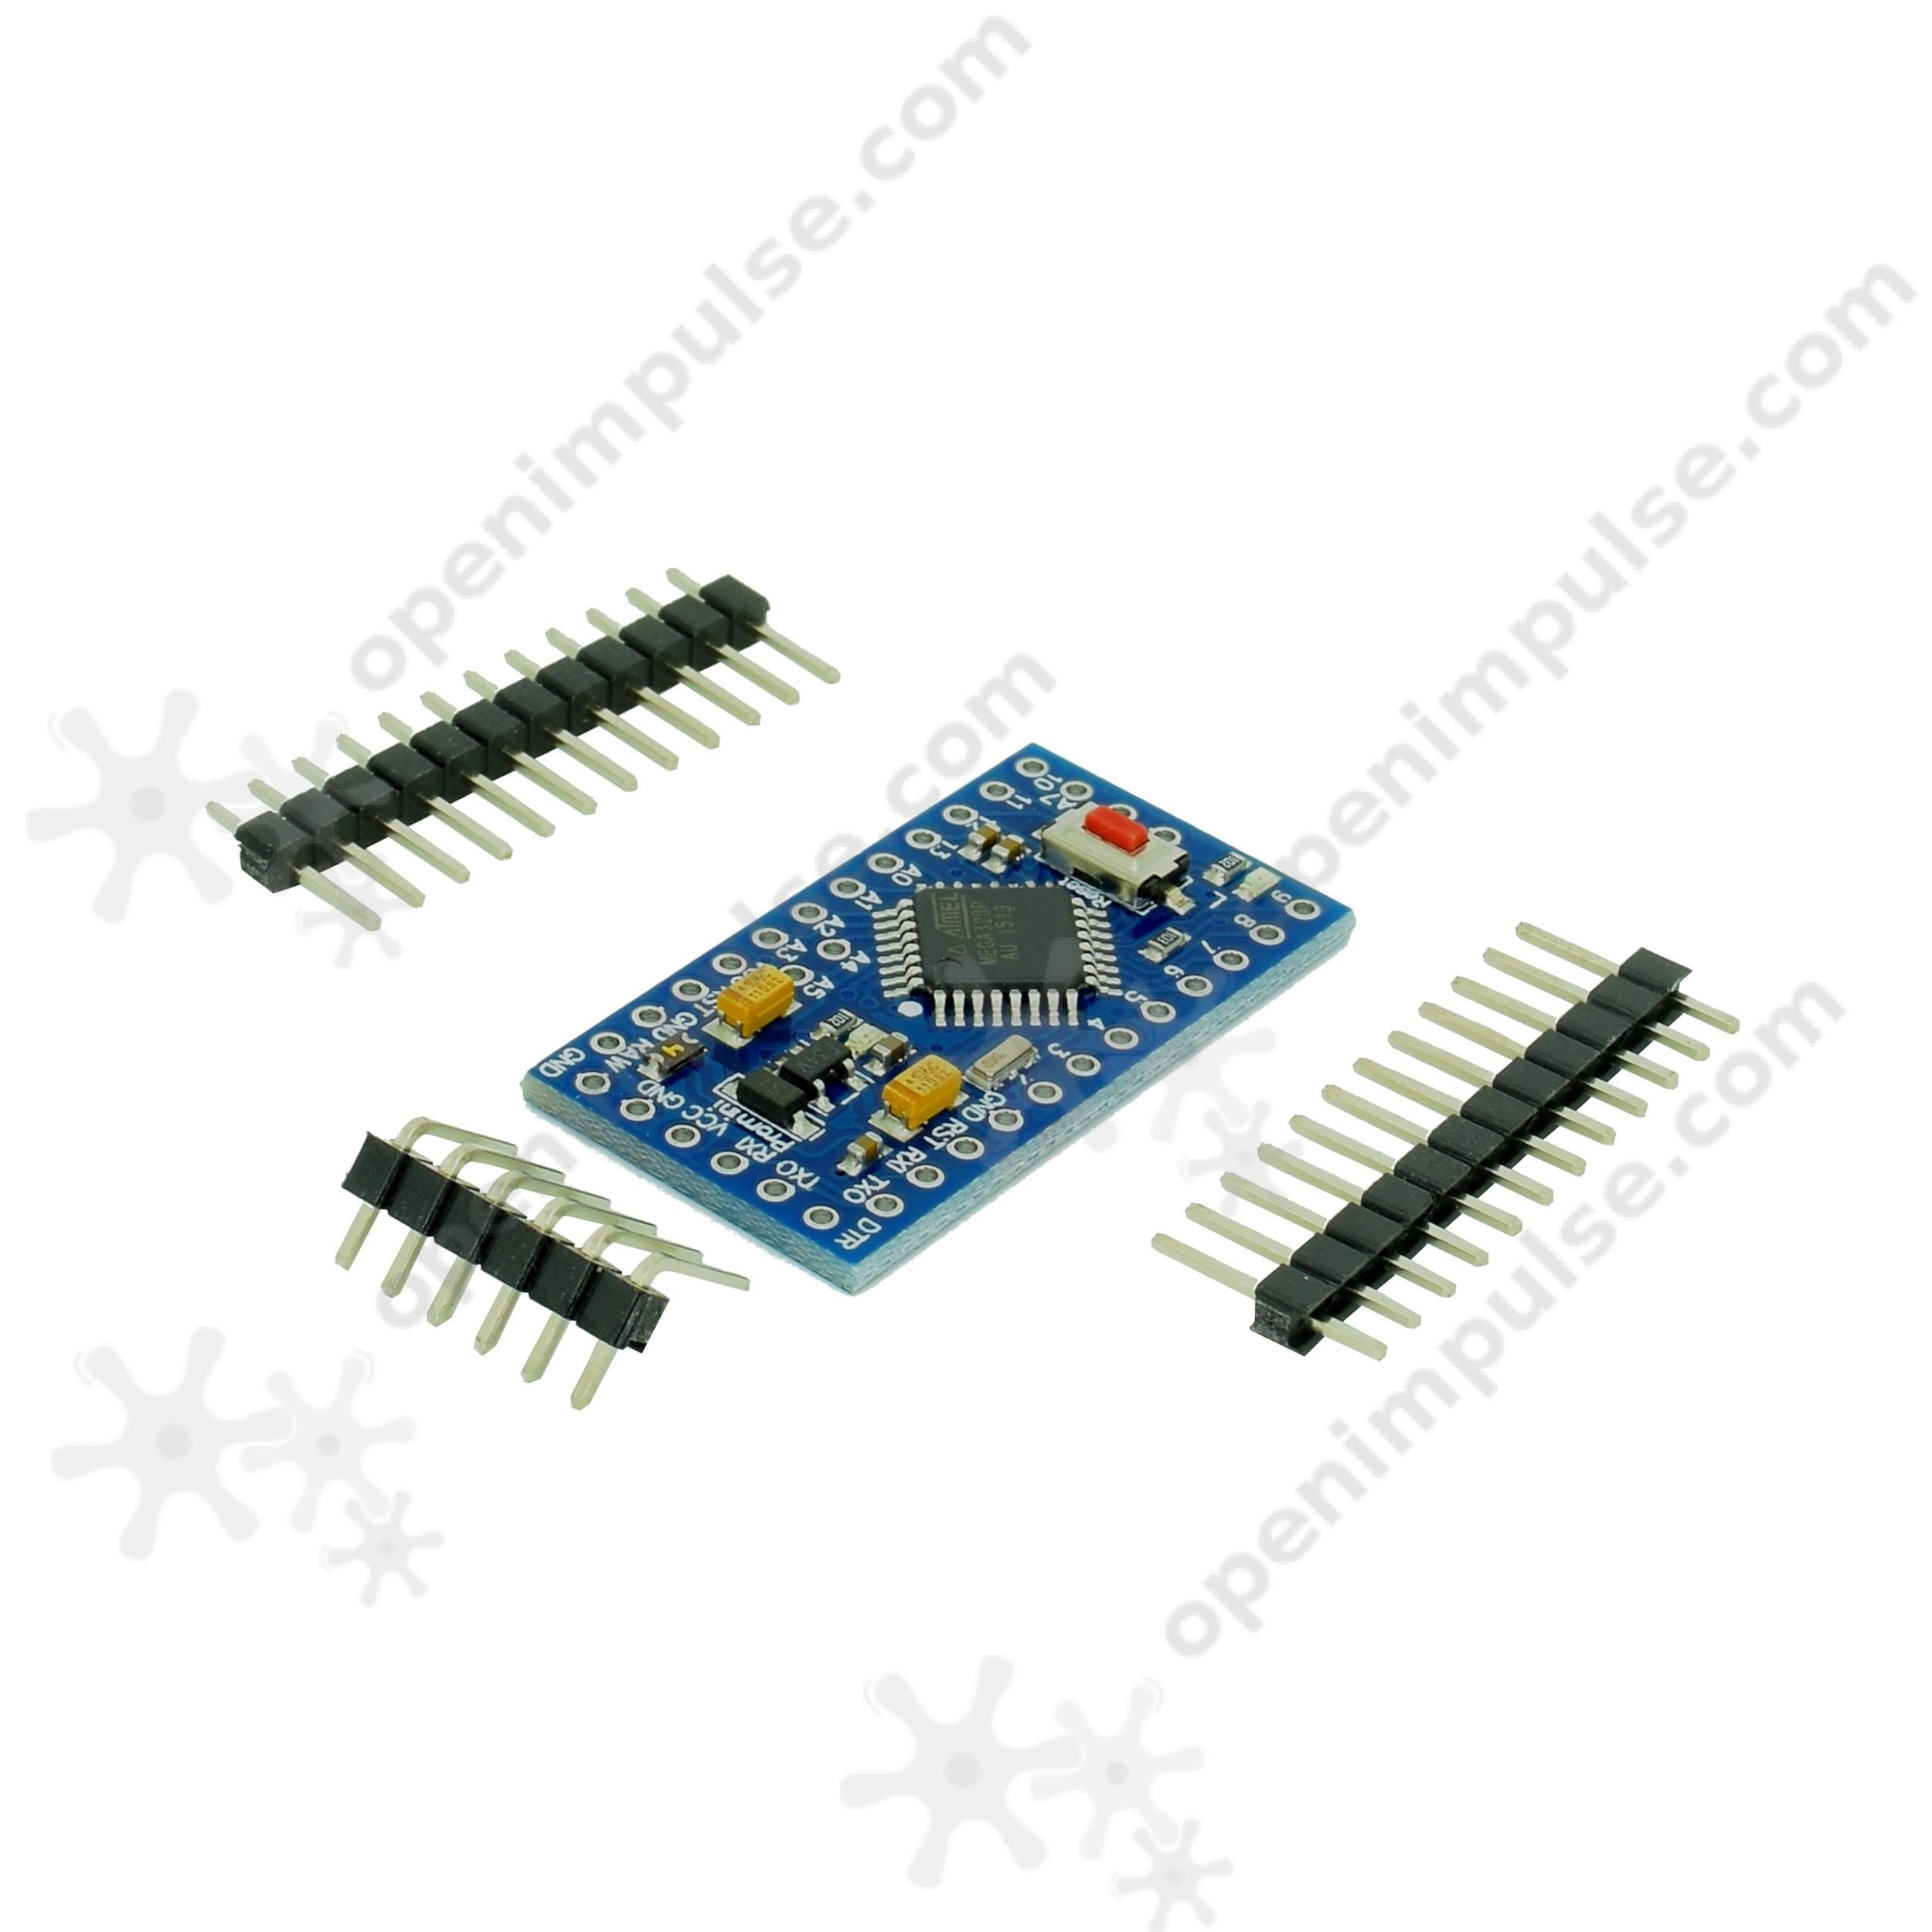 Pro Mini Development Board with ATmega328p(Arduino Compatible